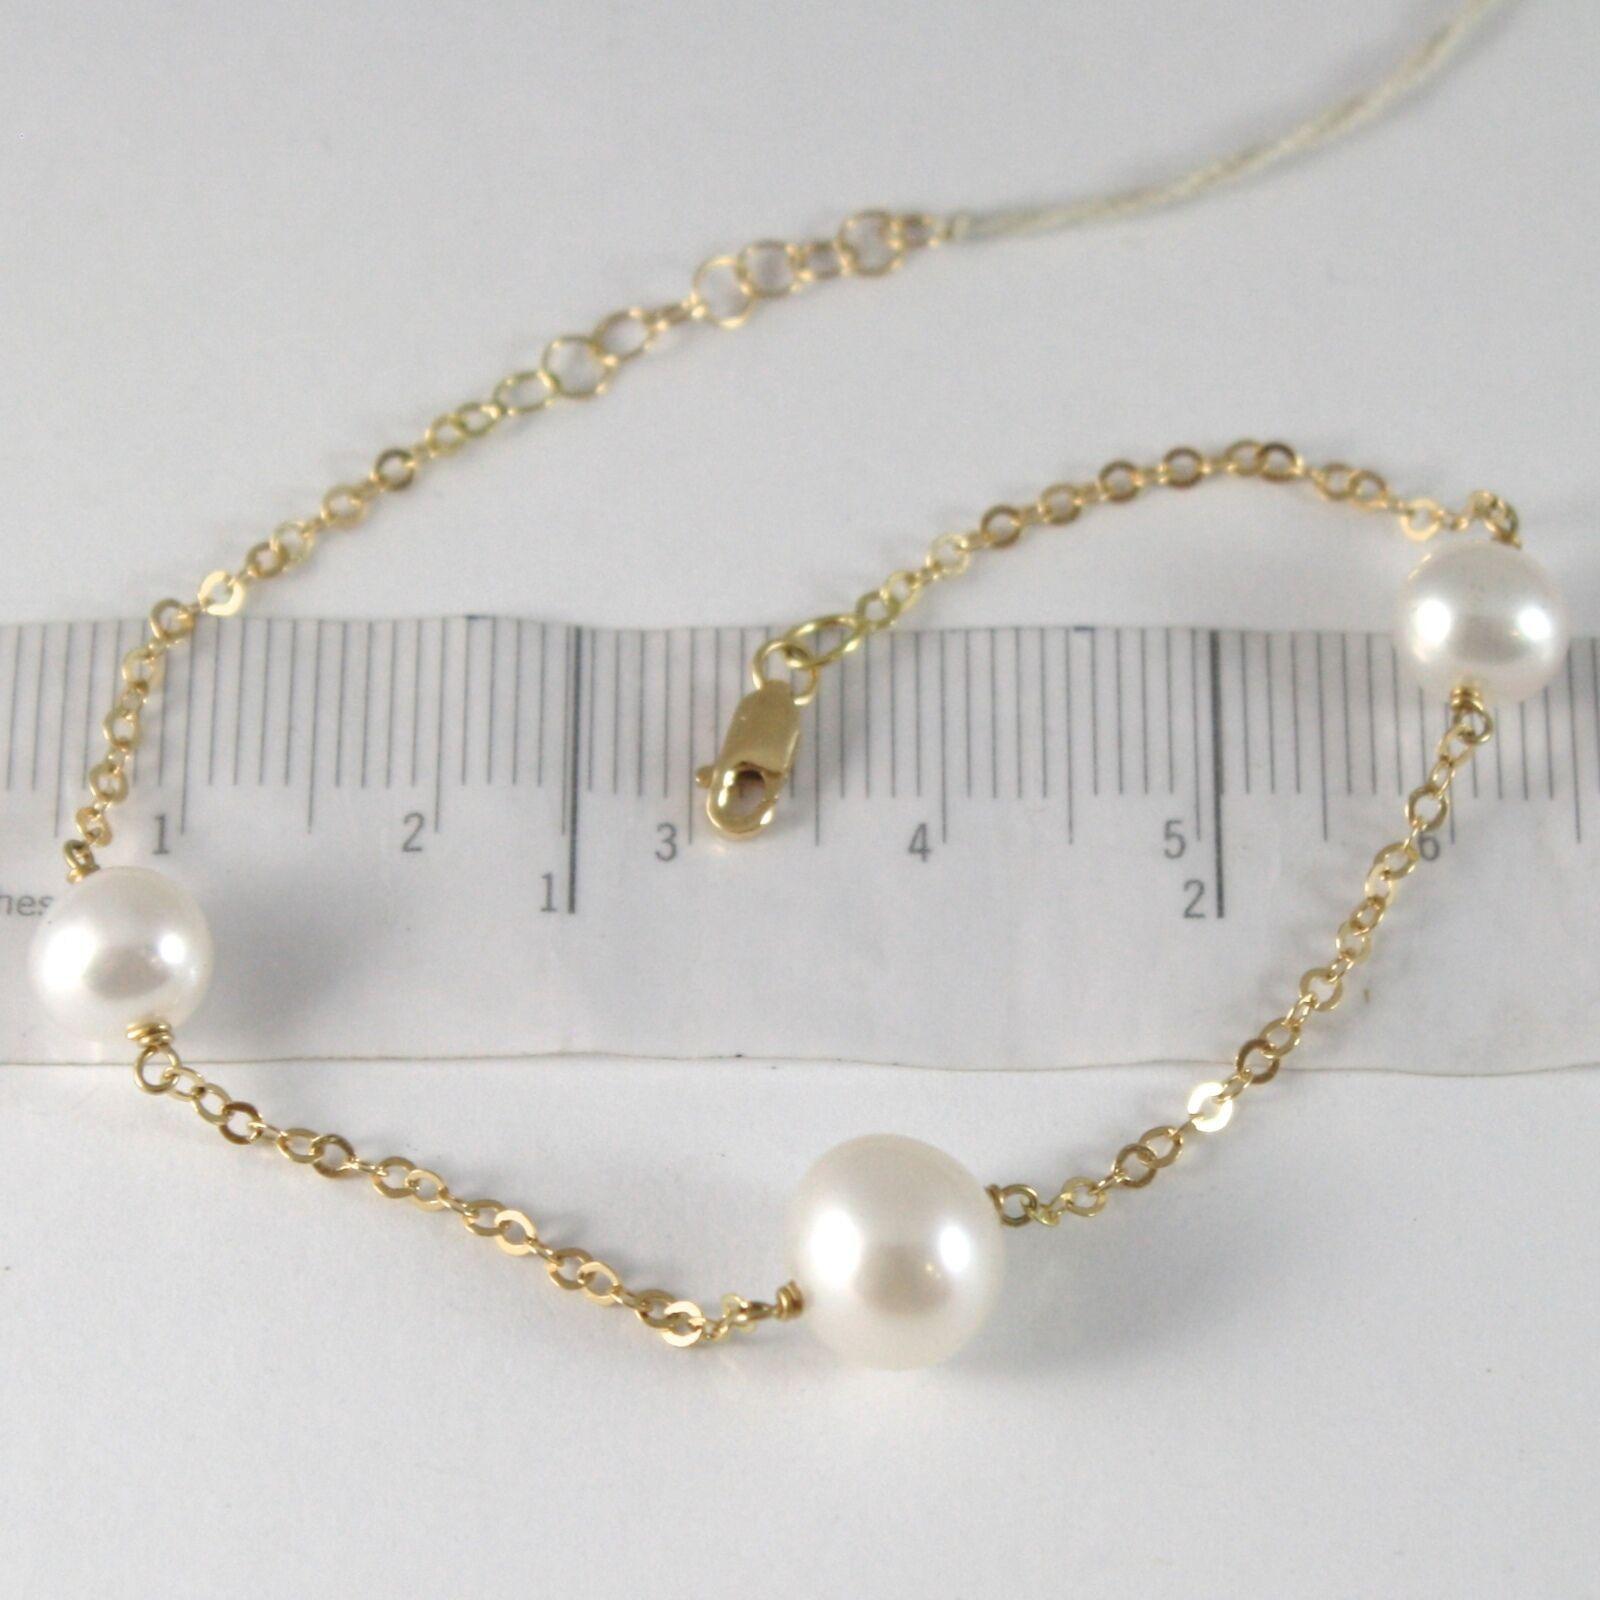 Armband Gelbgold 750 18K, Perlen Weiß 7-9 mm, Kette Rolo, 18.5 CM